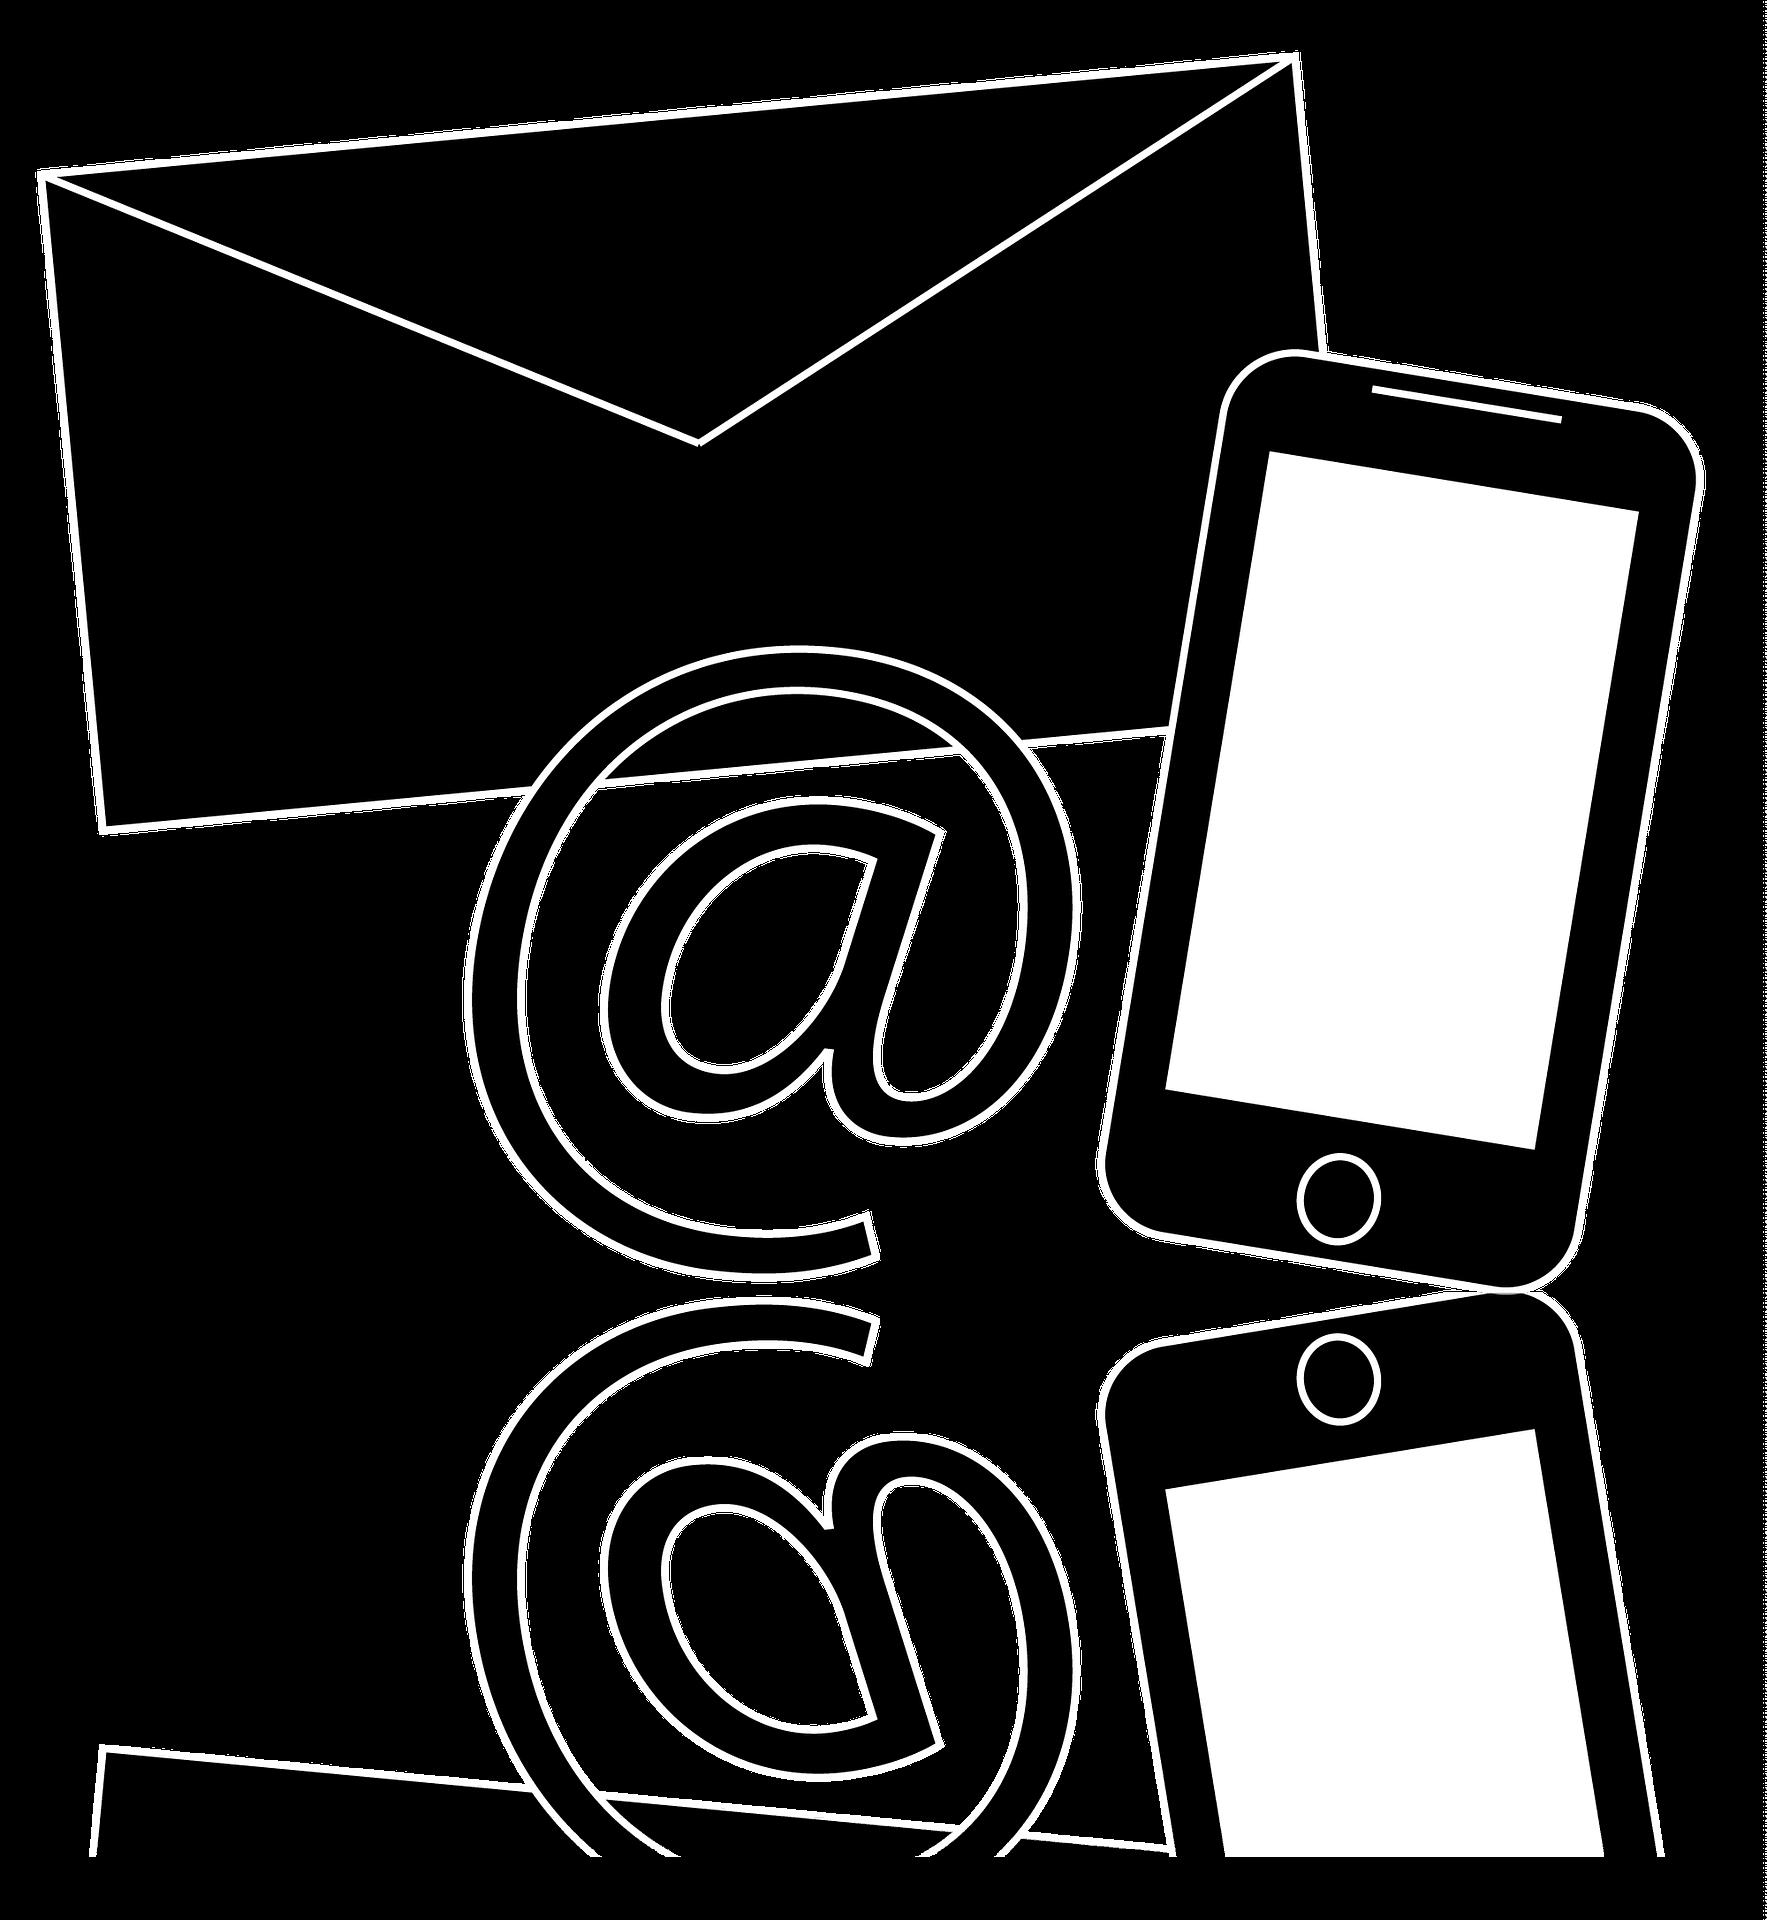 Kontaktdaten